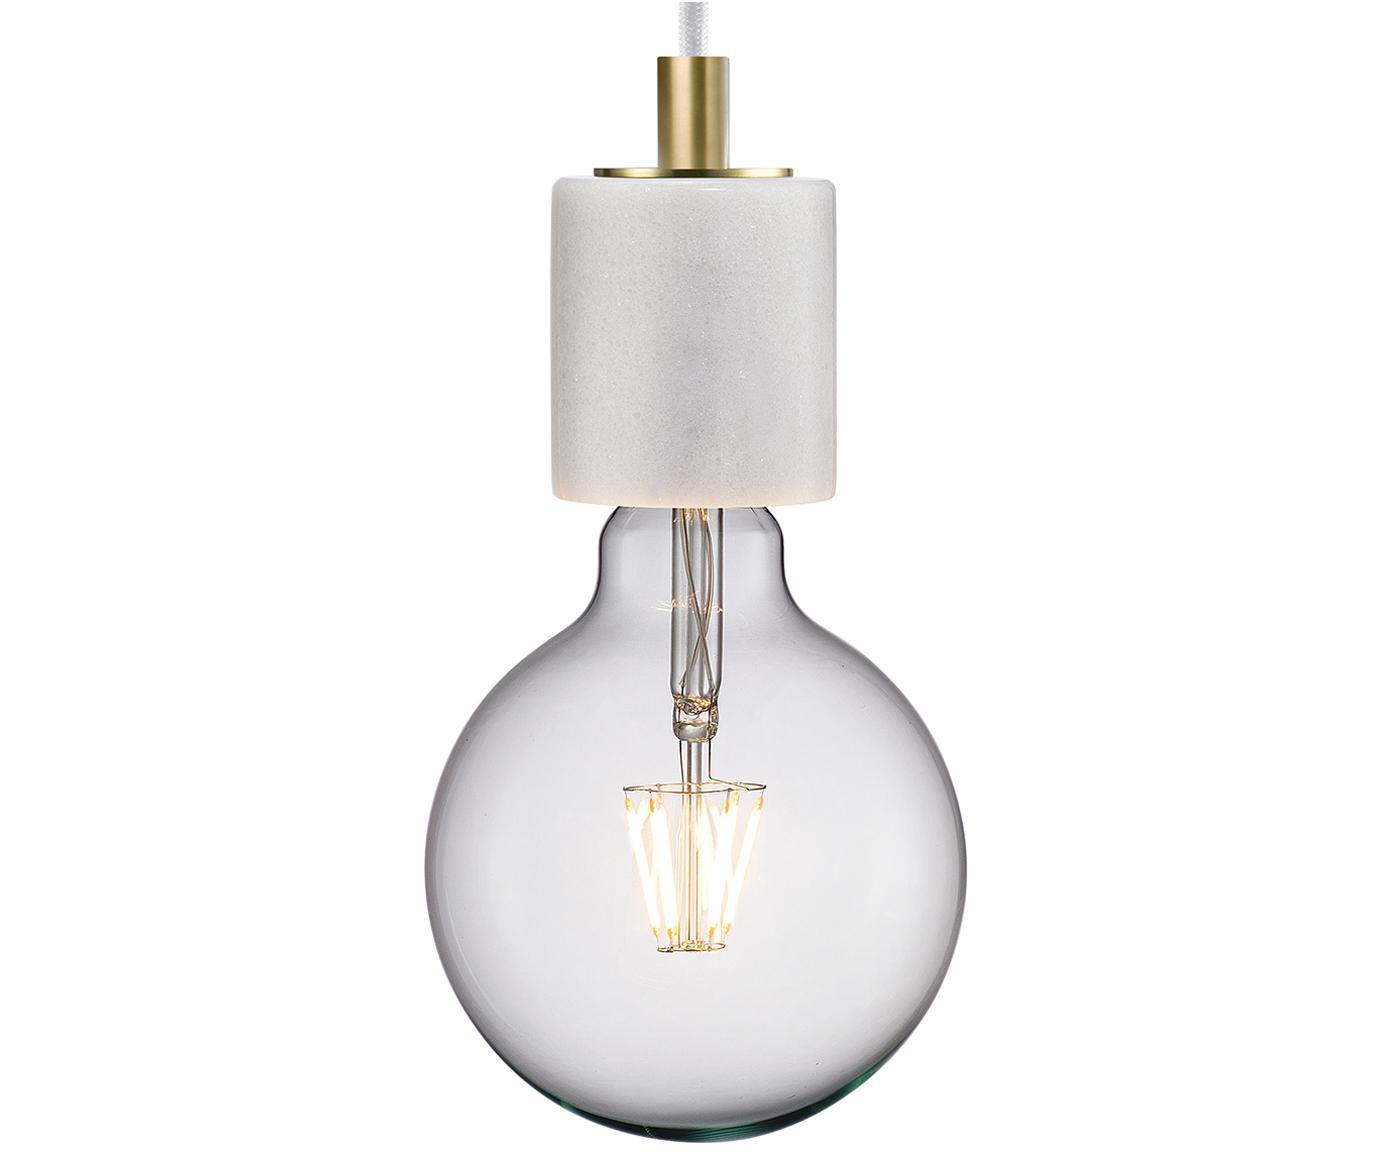 Lámpara de techo de mármo Siv, Cable: cubierto en tela, Blanco, latón, Ø 6 x Al 10 cm